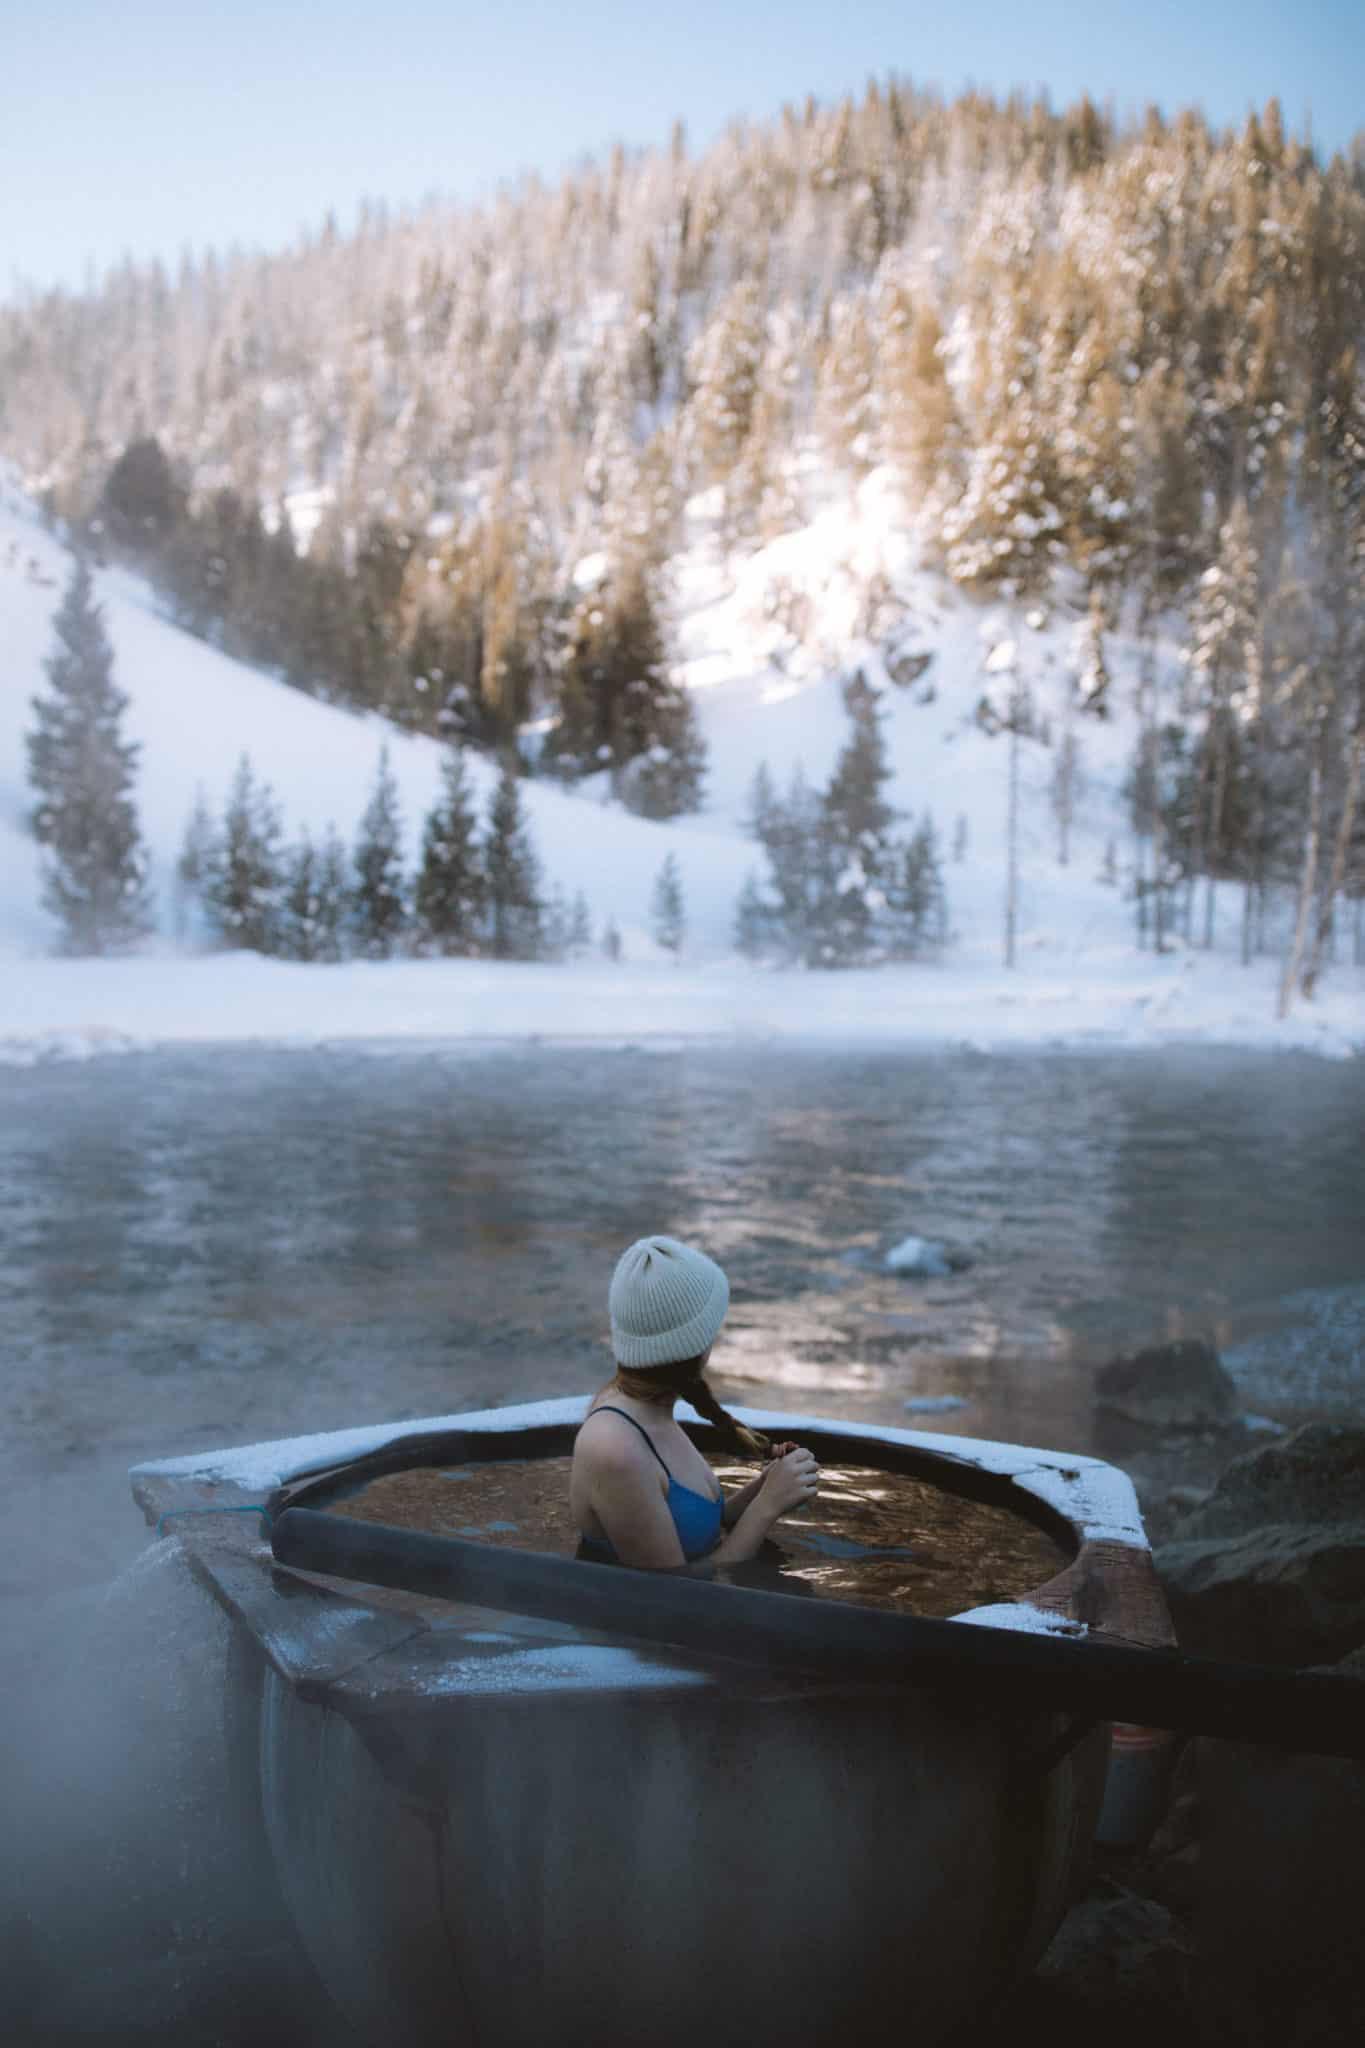 Boat box hot springs in winter